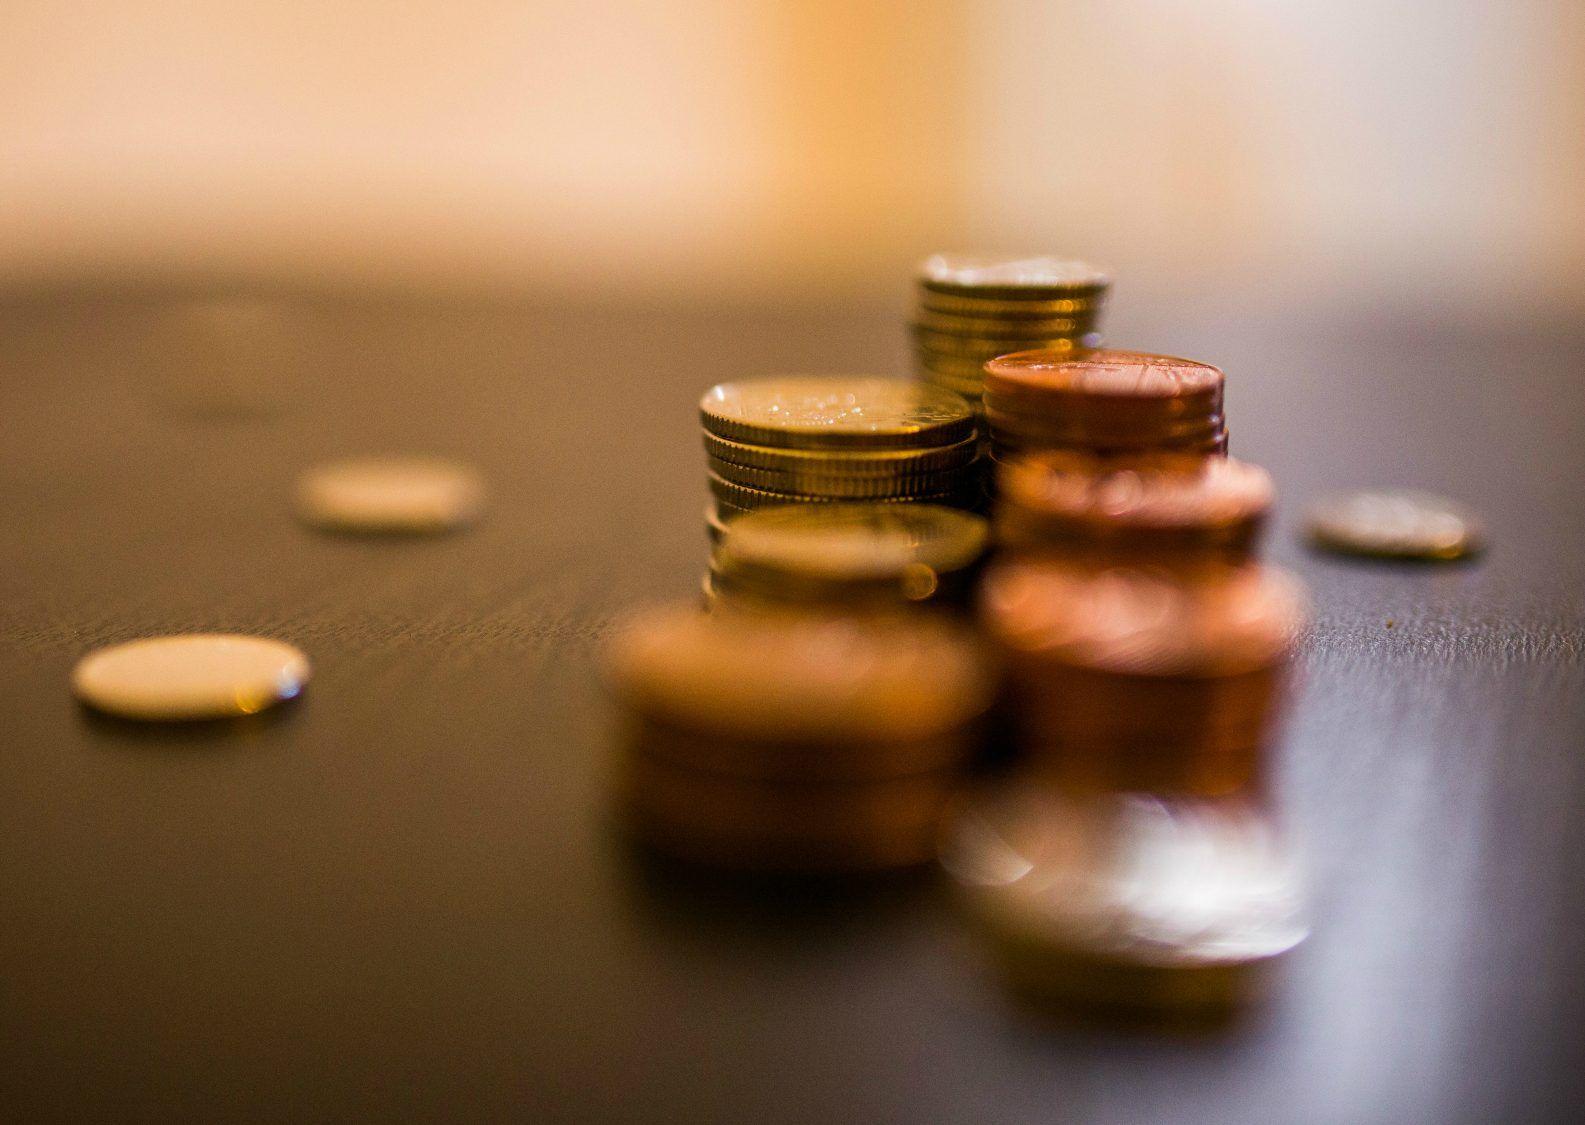 cum să faci bani rapid fără dobândă